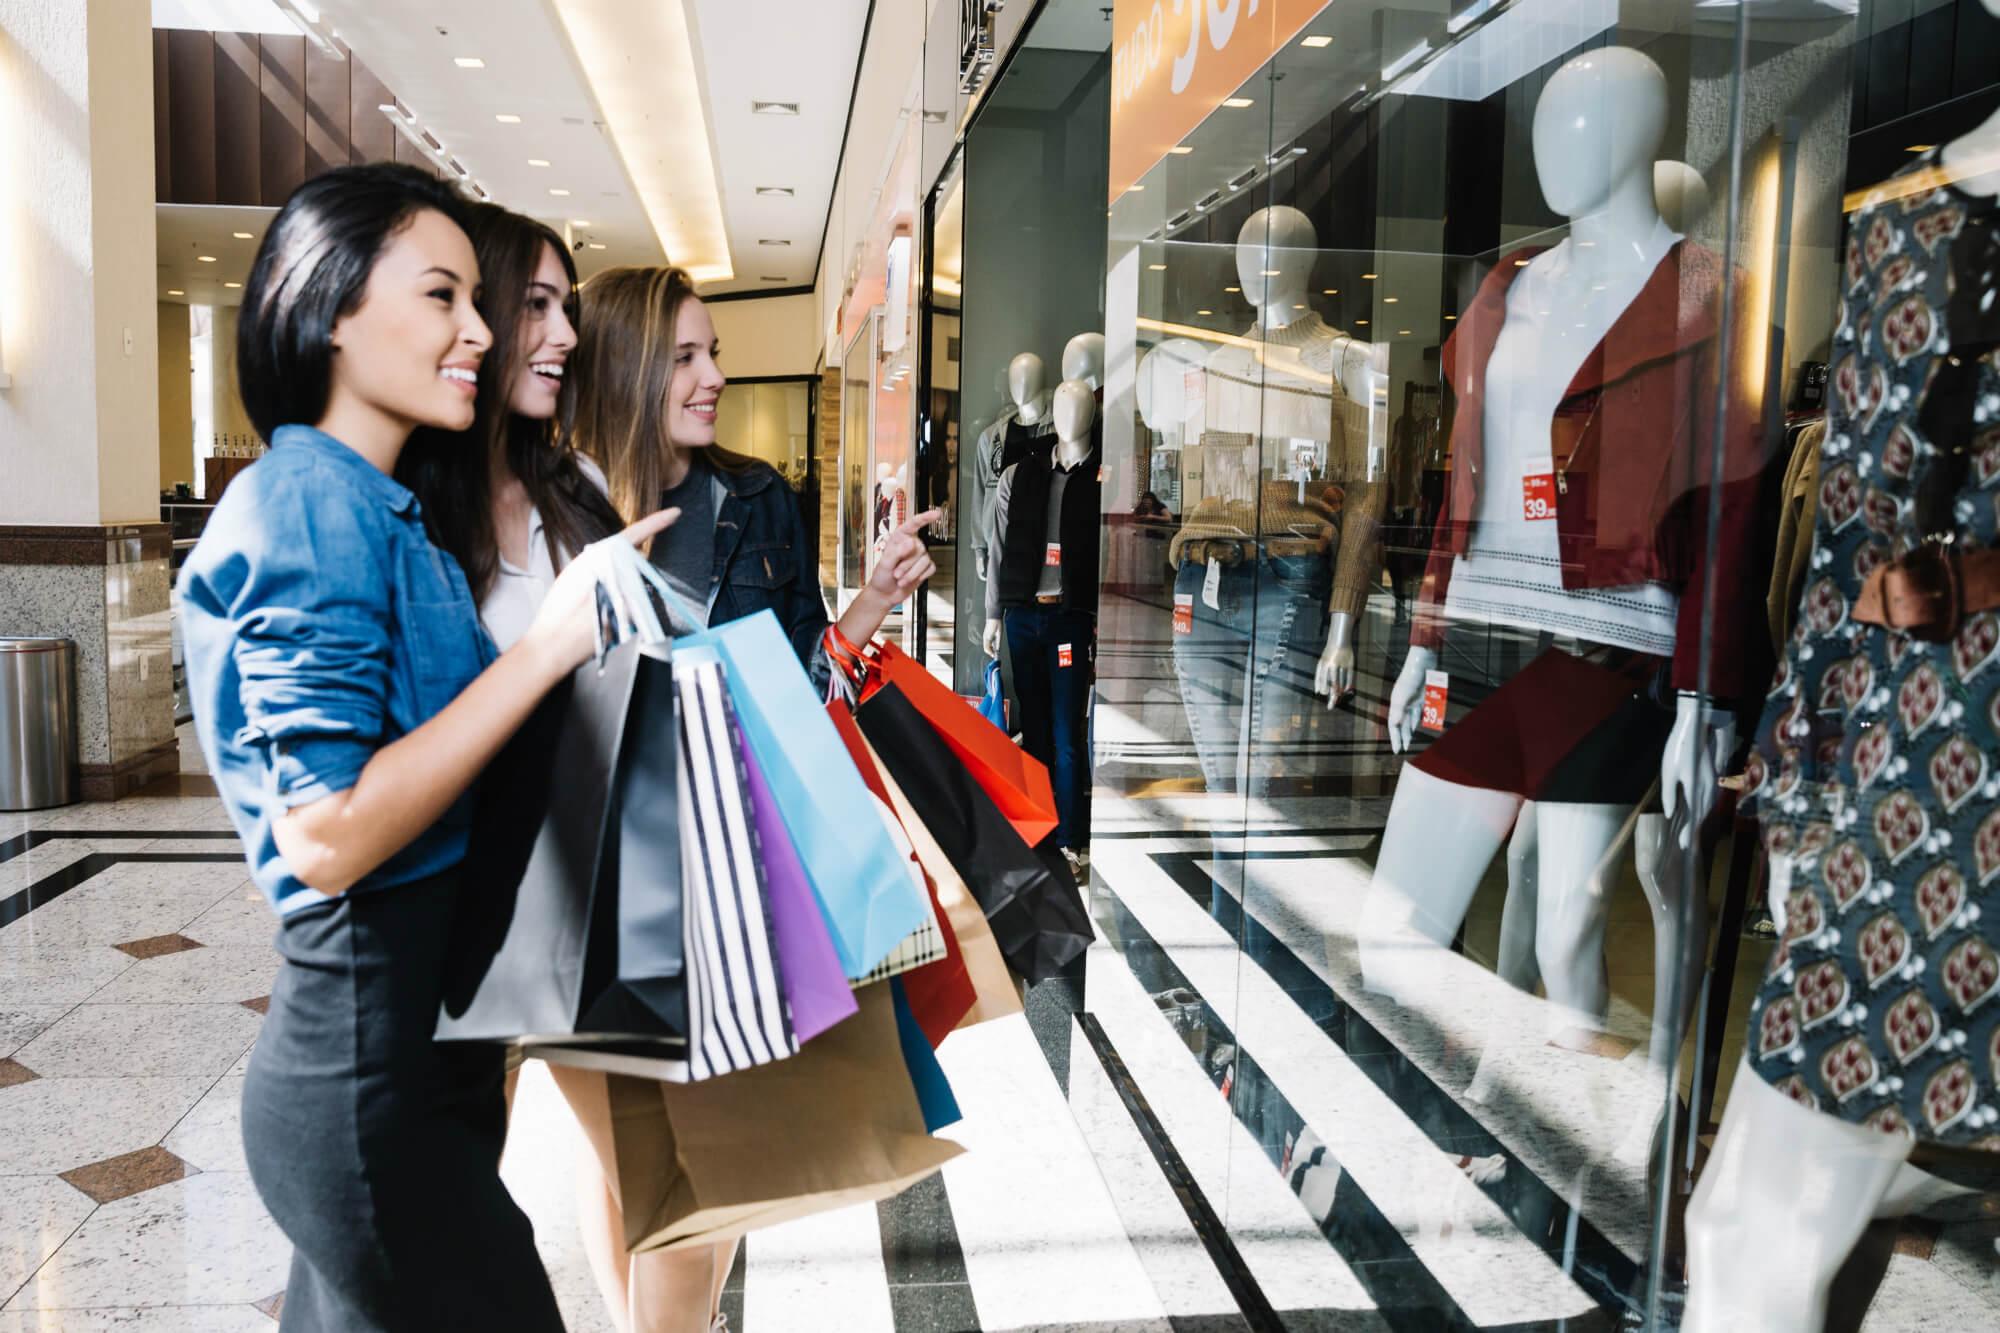 Loja ou quiosque: qual a melhor opção de franquia para investir